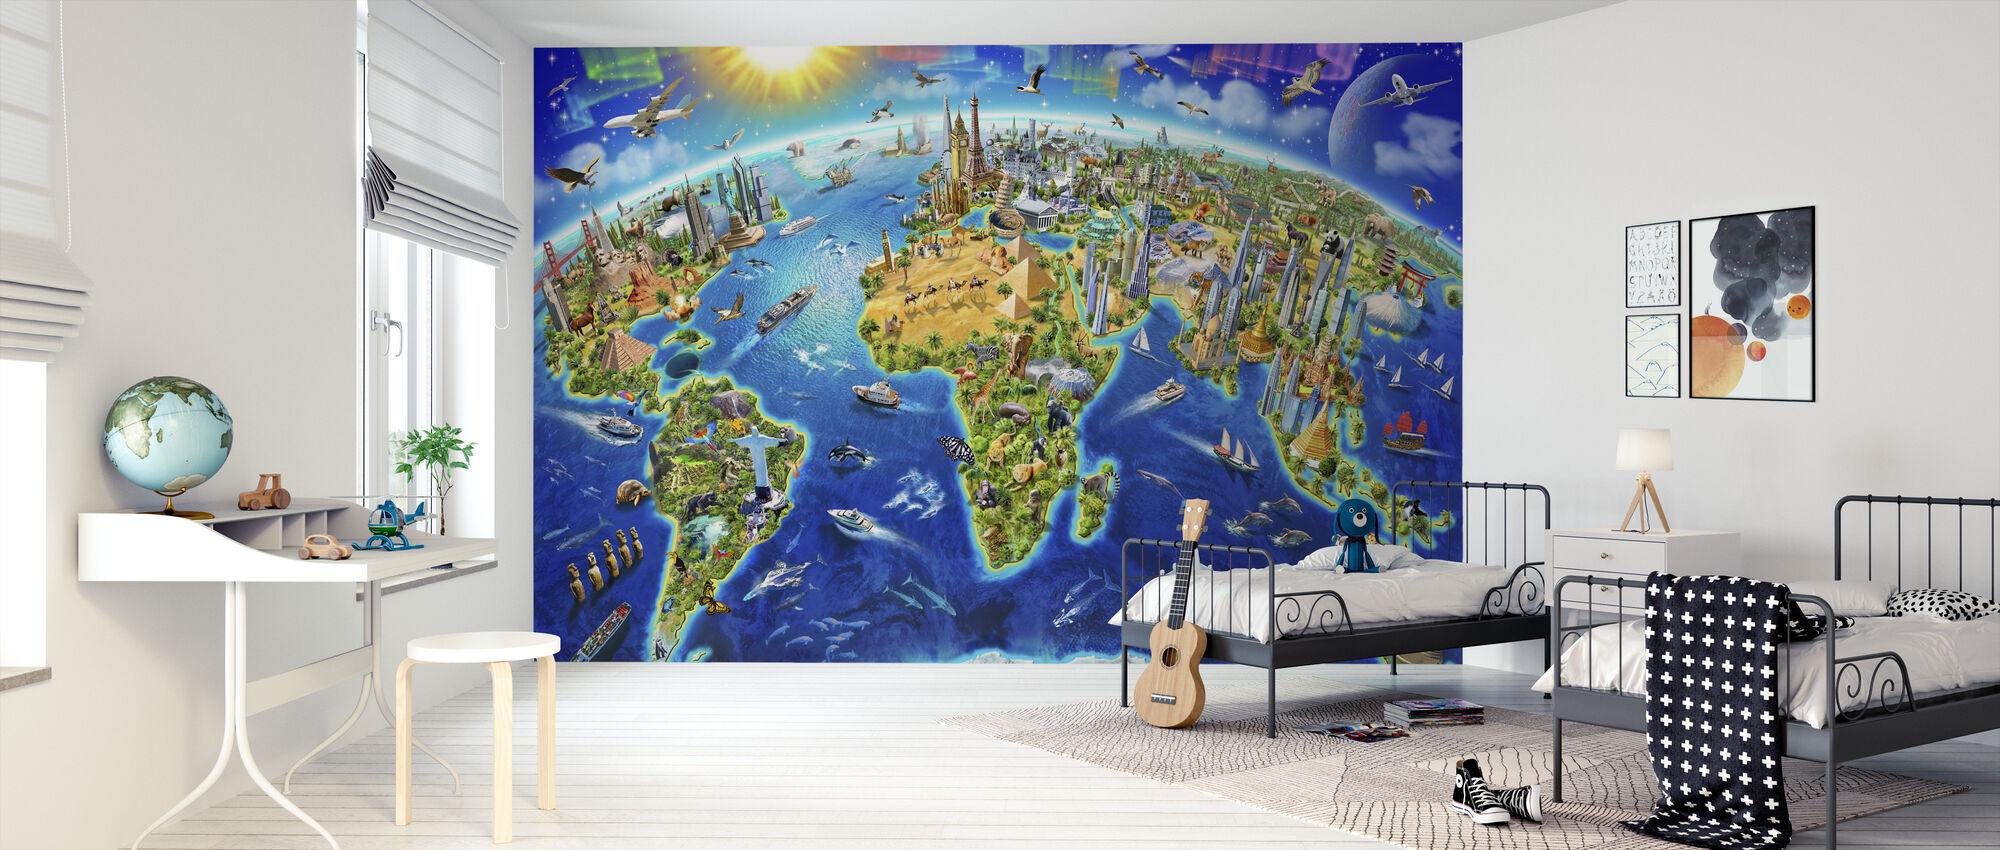 World Landmarks Globe - Wallpaper - Kids Room